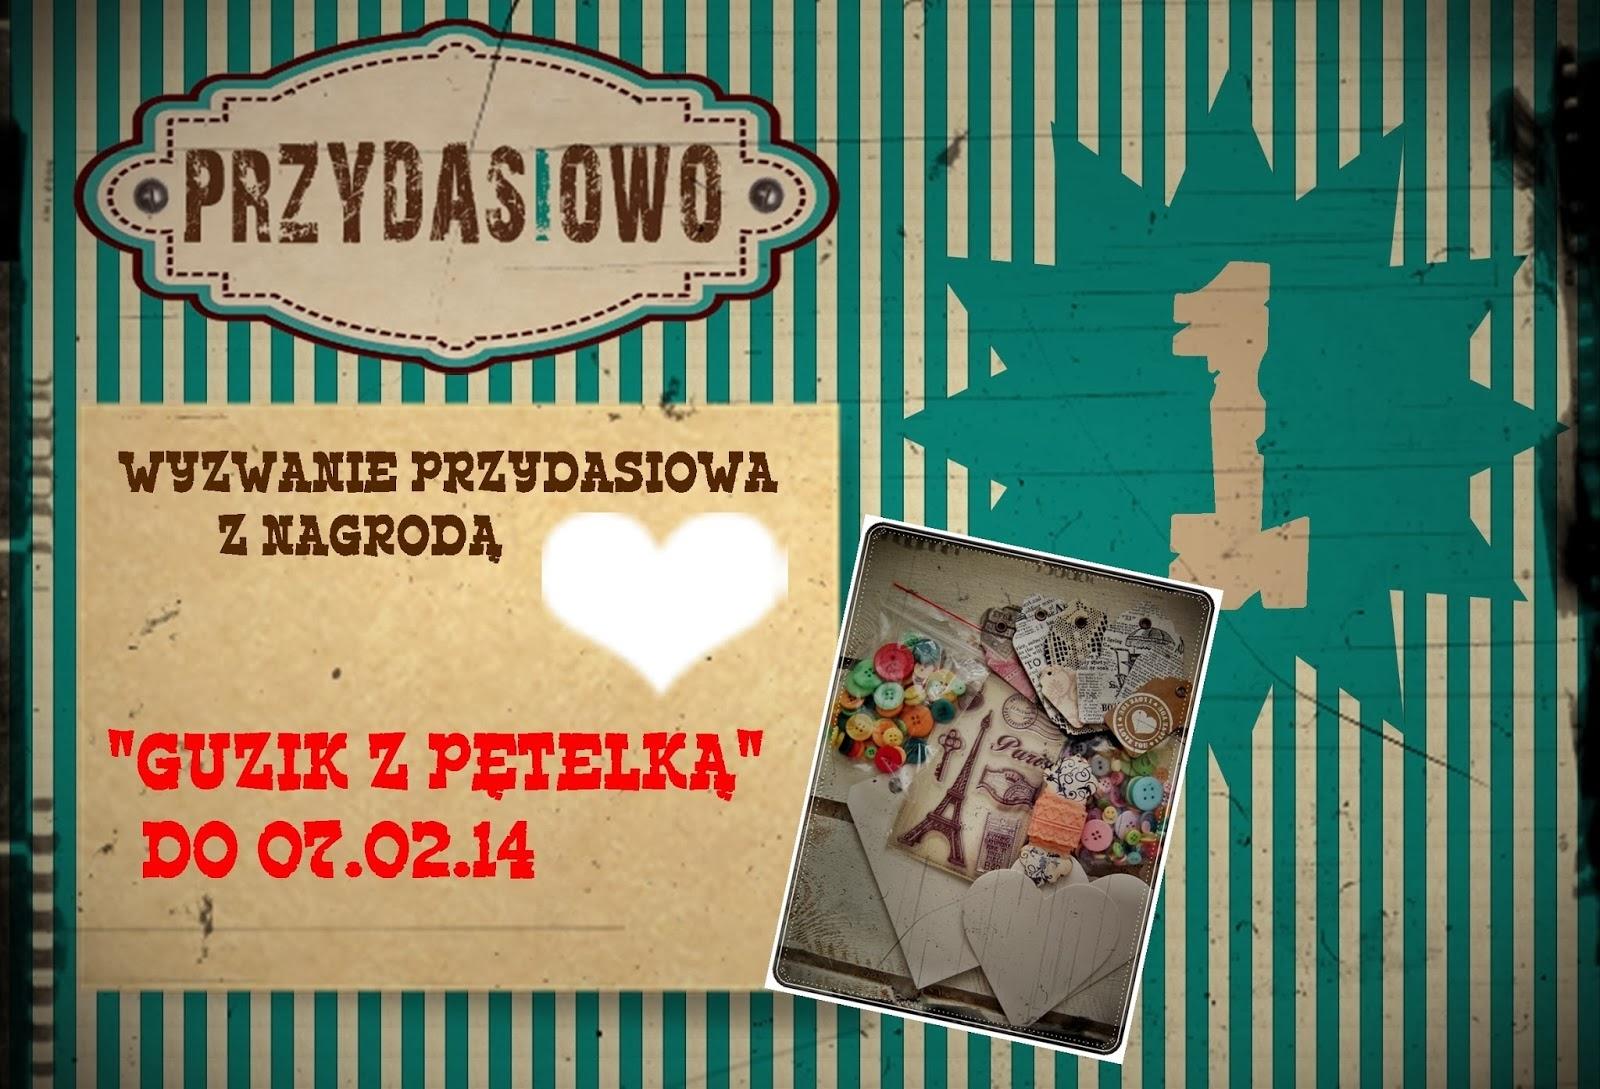 http://franki-przydasiowo.blogspot.com/2014/01/1-wyzwanie-przydasiowe-z-nagroda.html